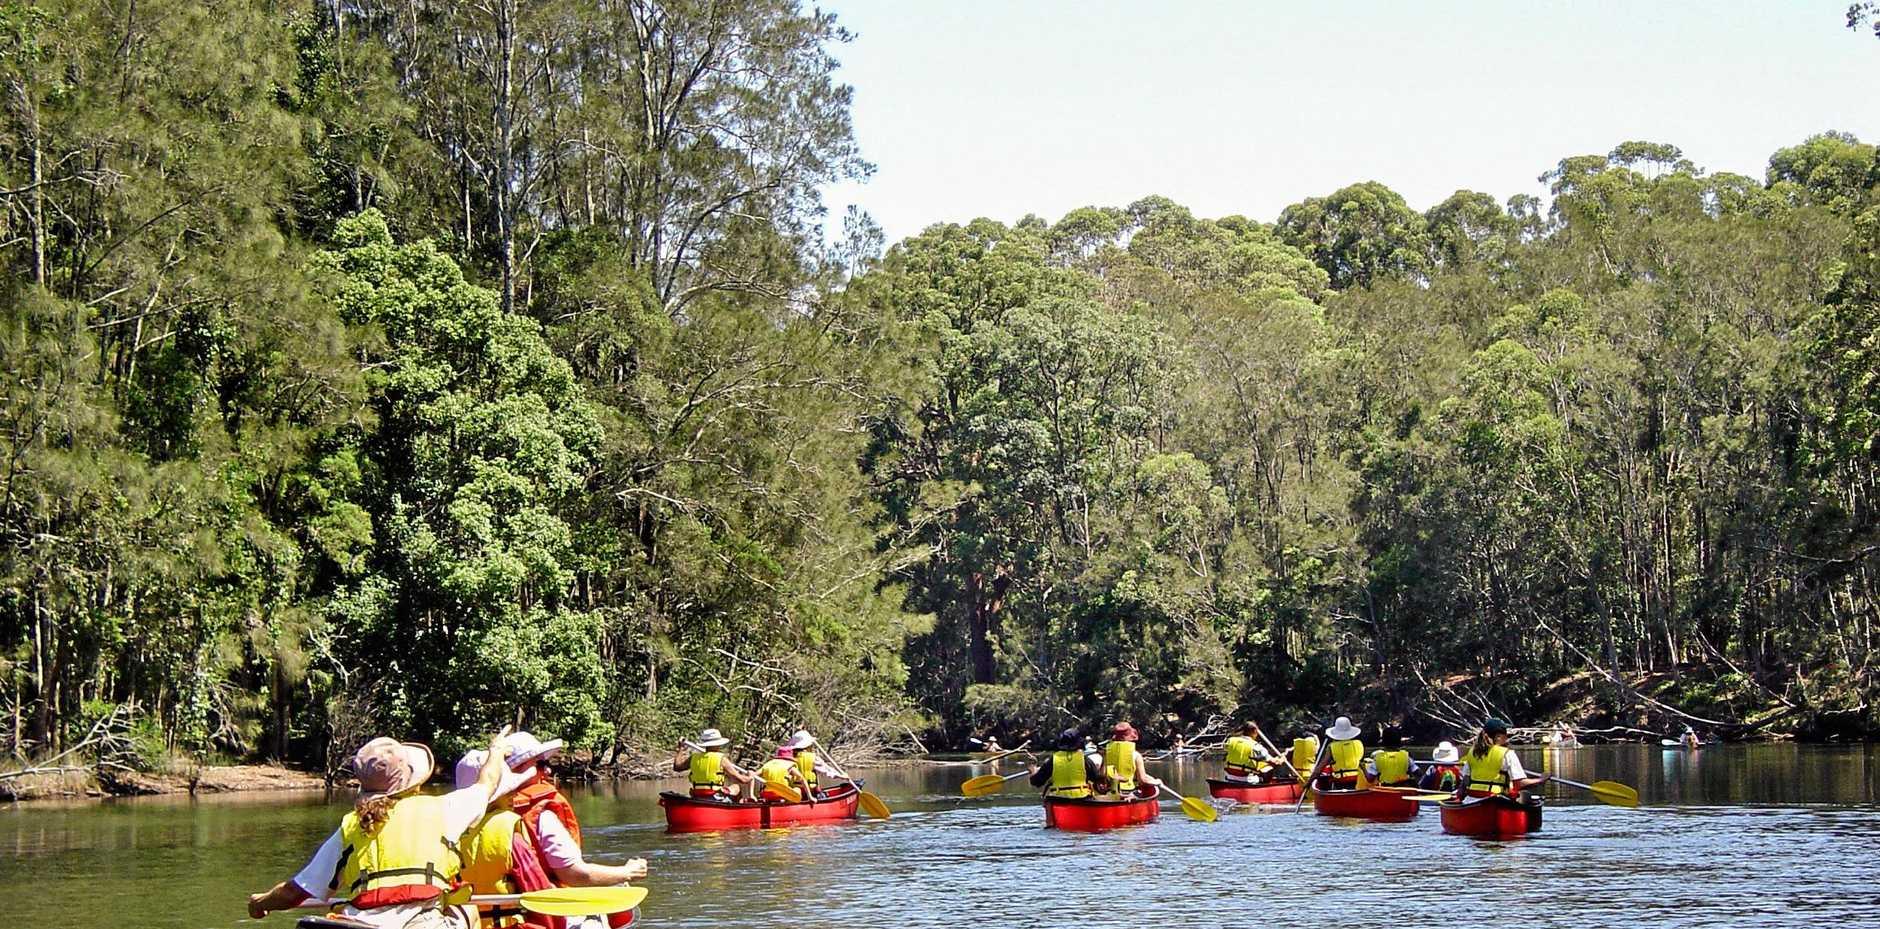 Bonville Creek canoe trail, Bongil Bongil National Park.